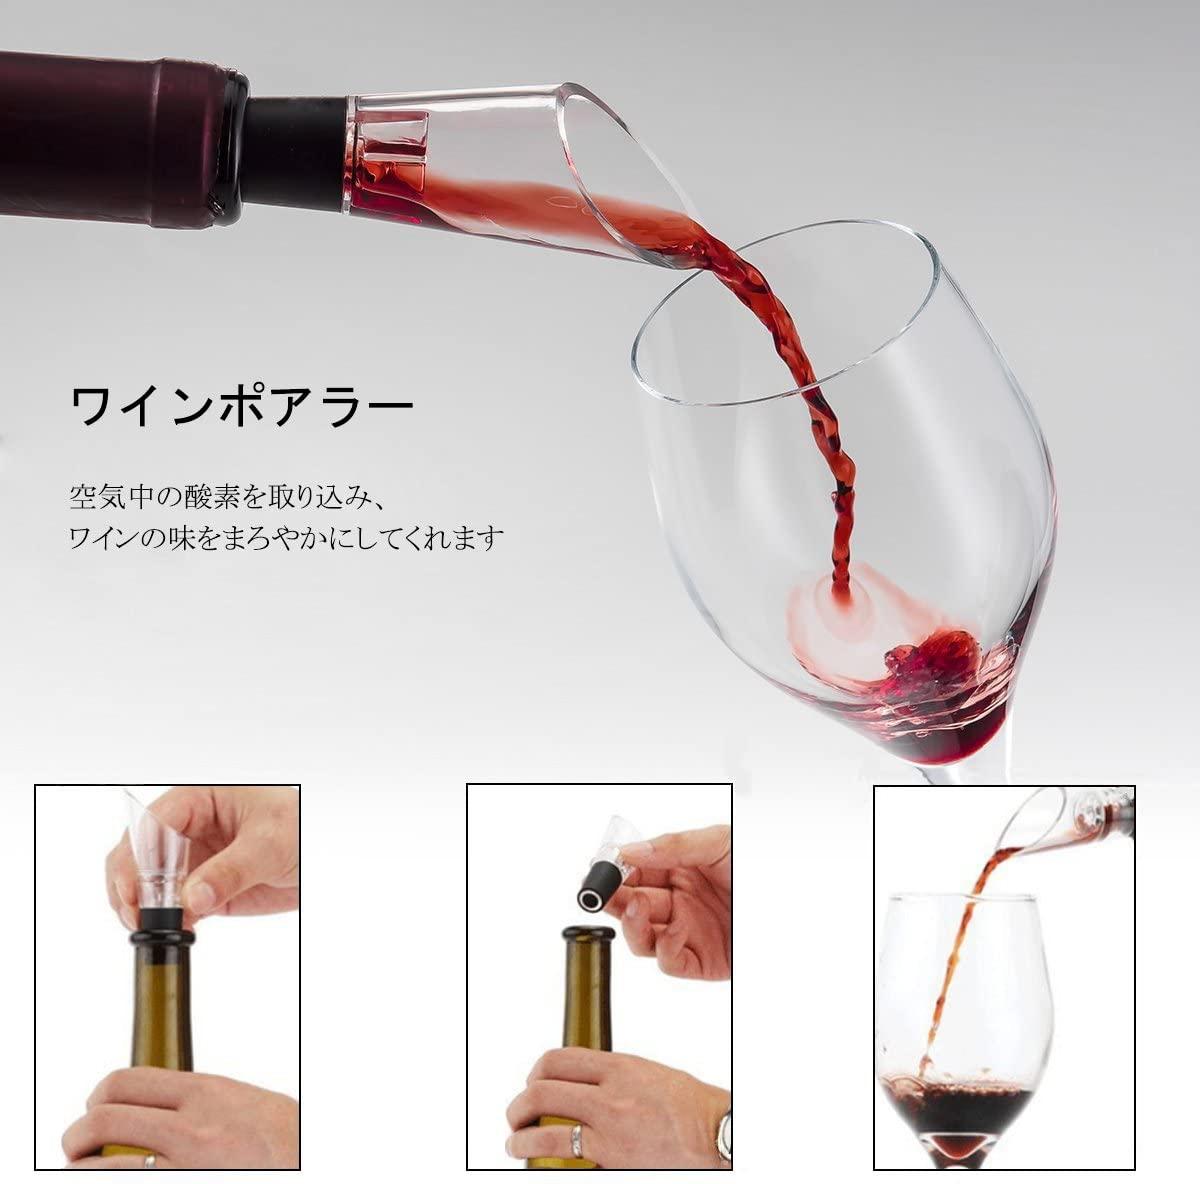 KYUUSI(キューシ) ワインオープナー エアーポンプ式の商品画像5